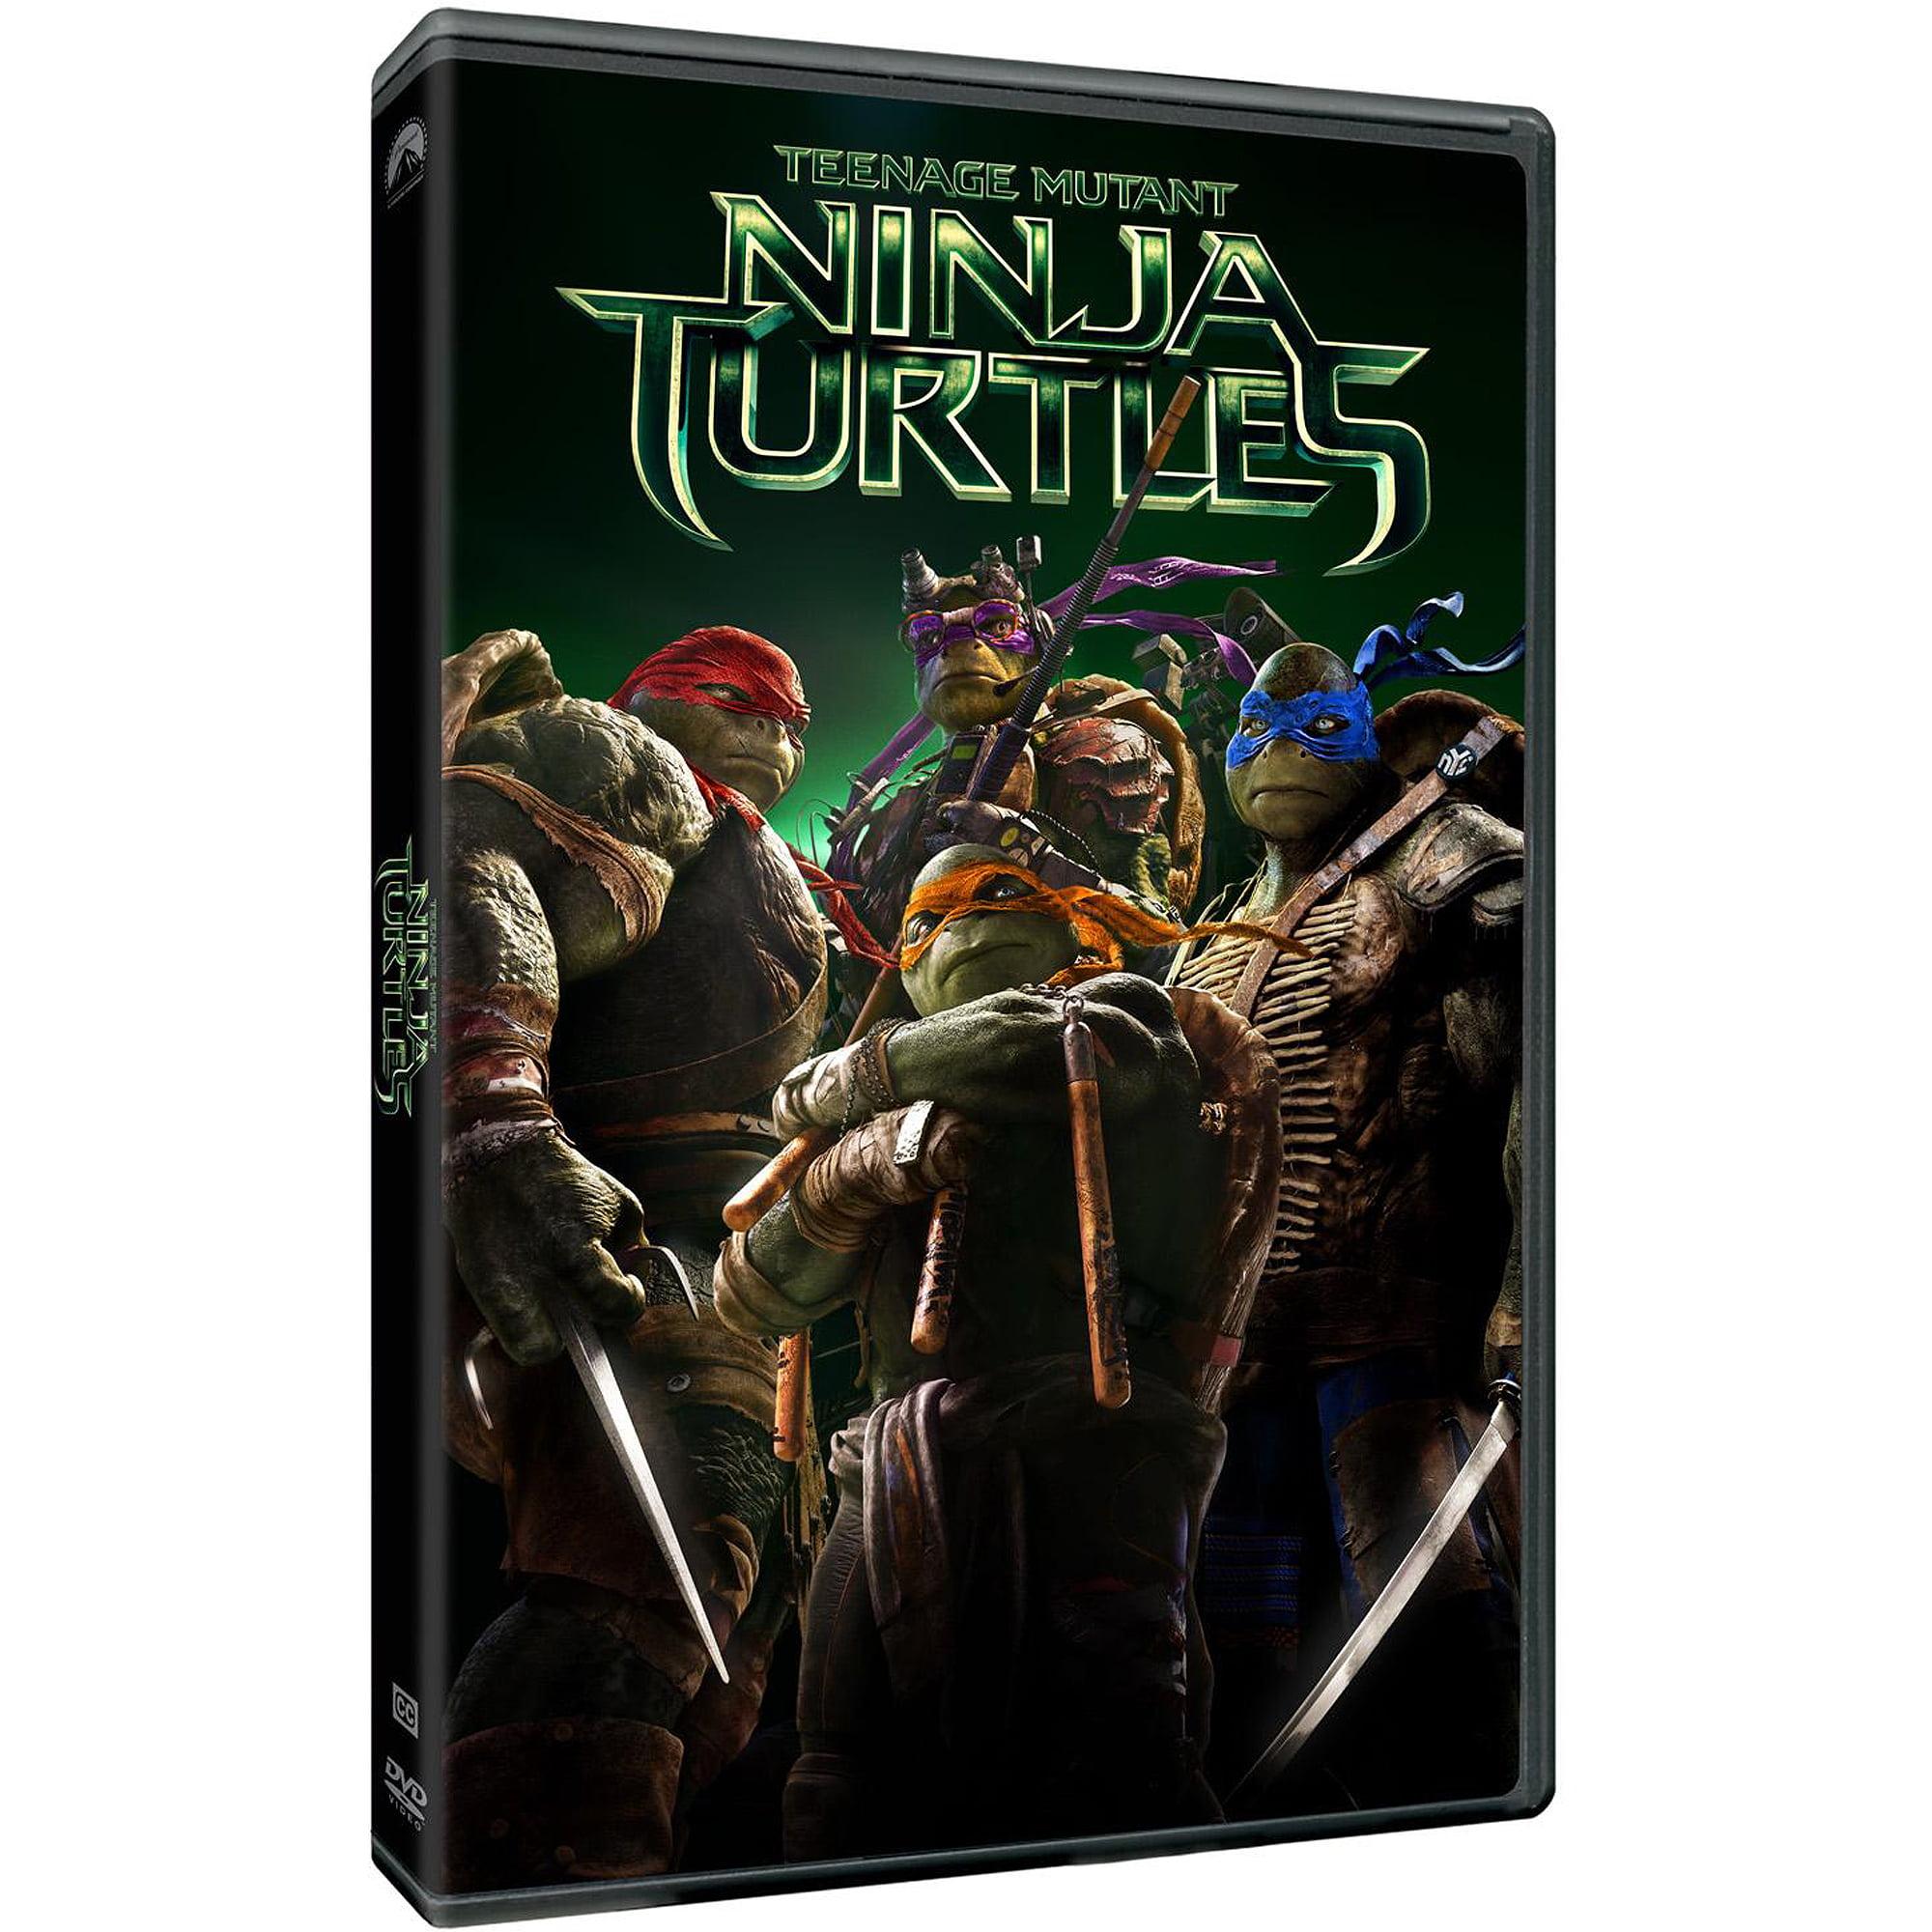 Teenage Mutant Ninja Turtles (2014) (DVD + Digital HD)